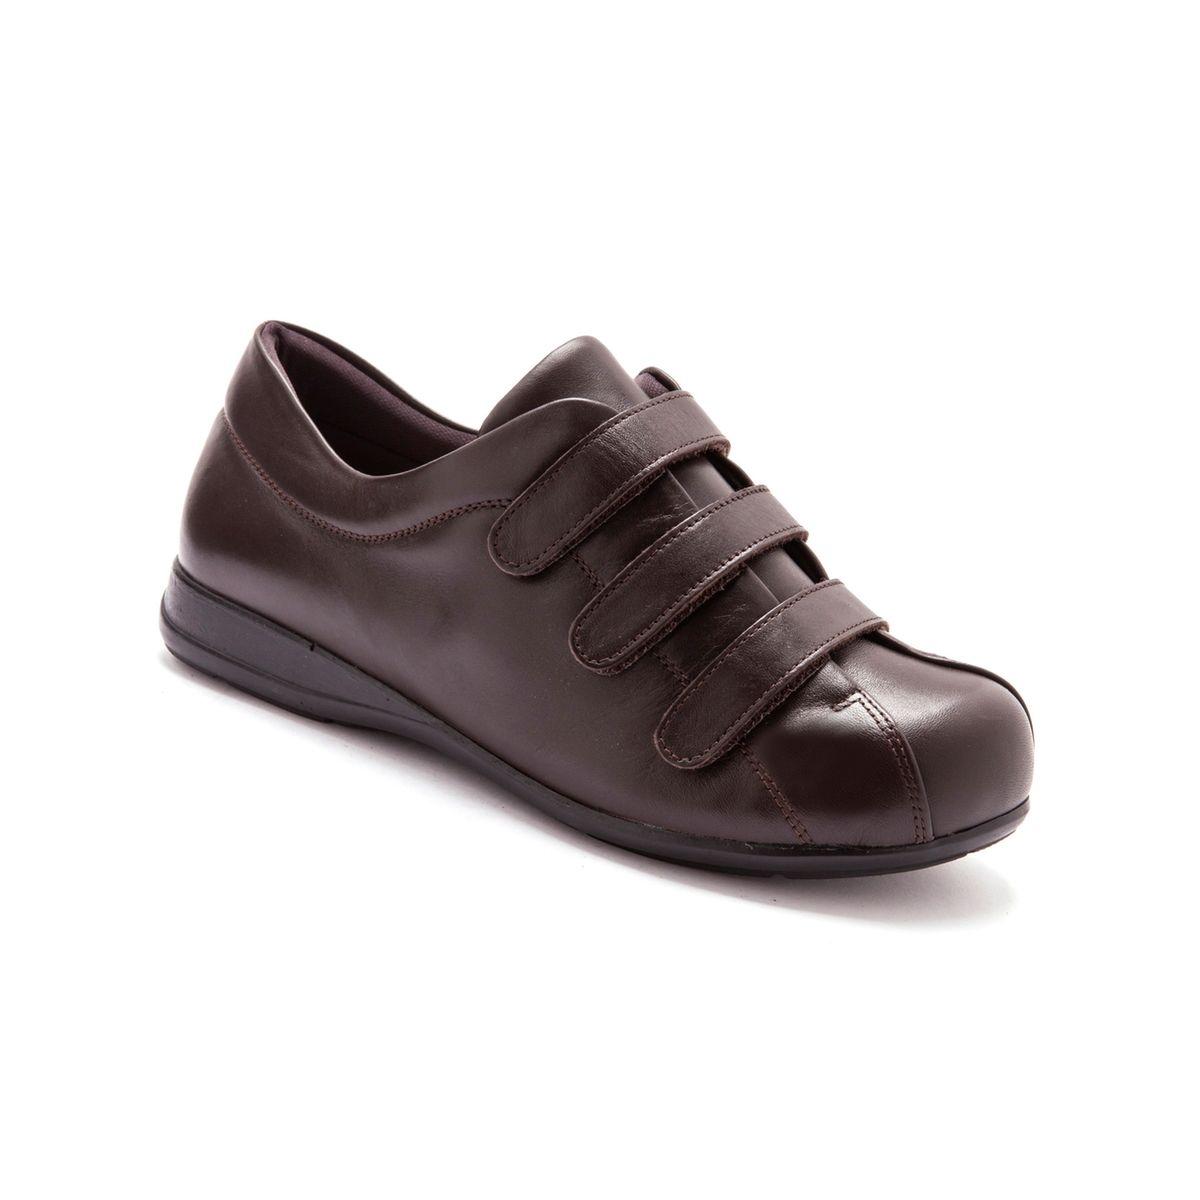 Derbies ultra large, spécial pieds sensibles